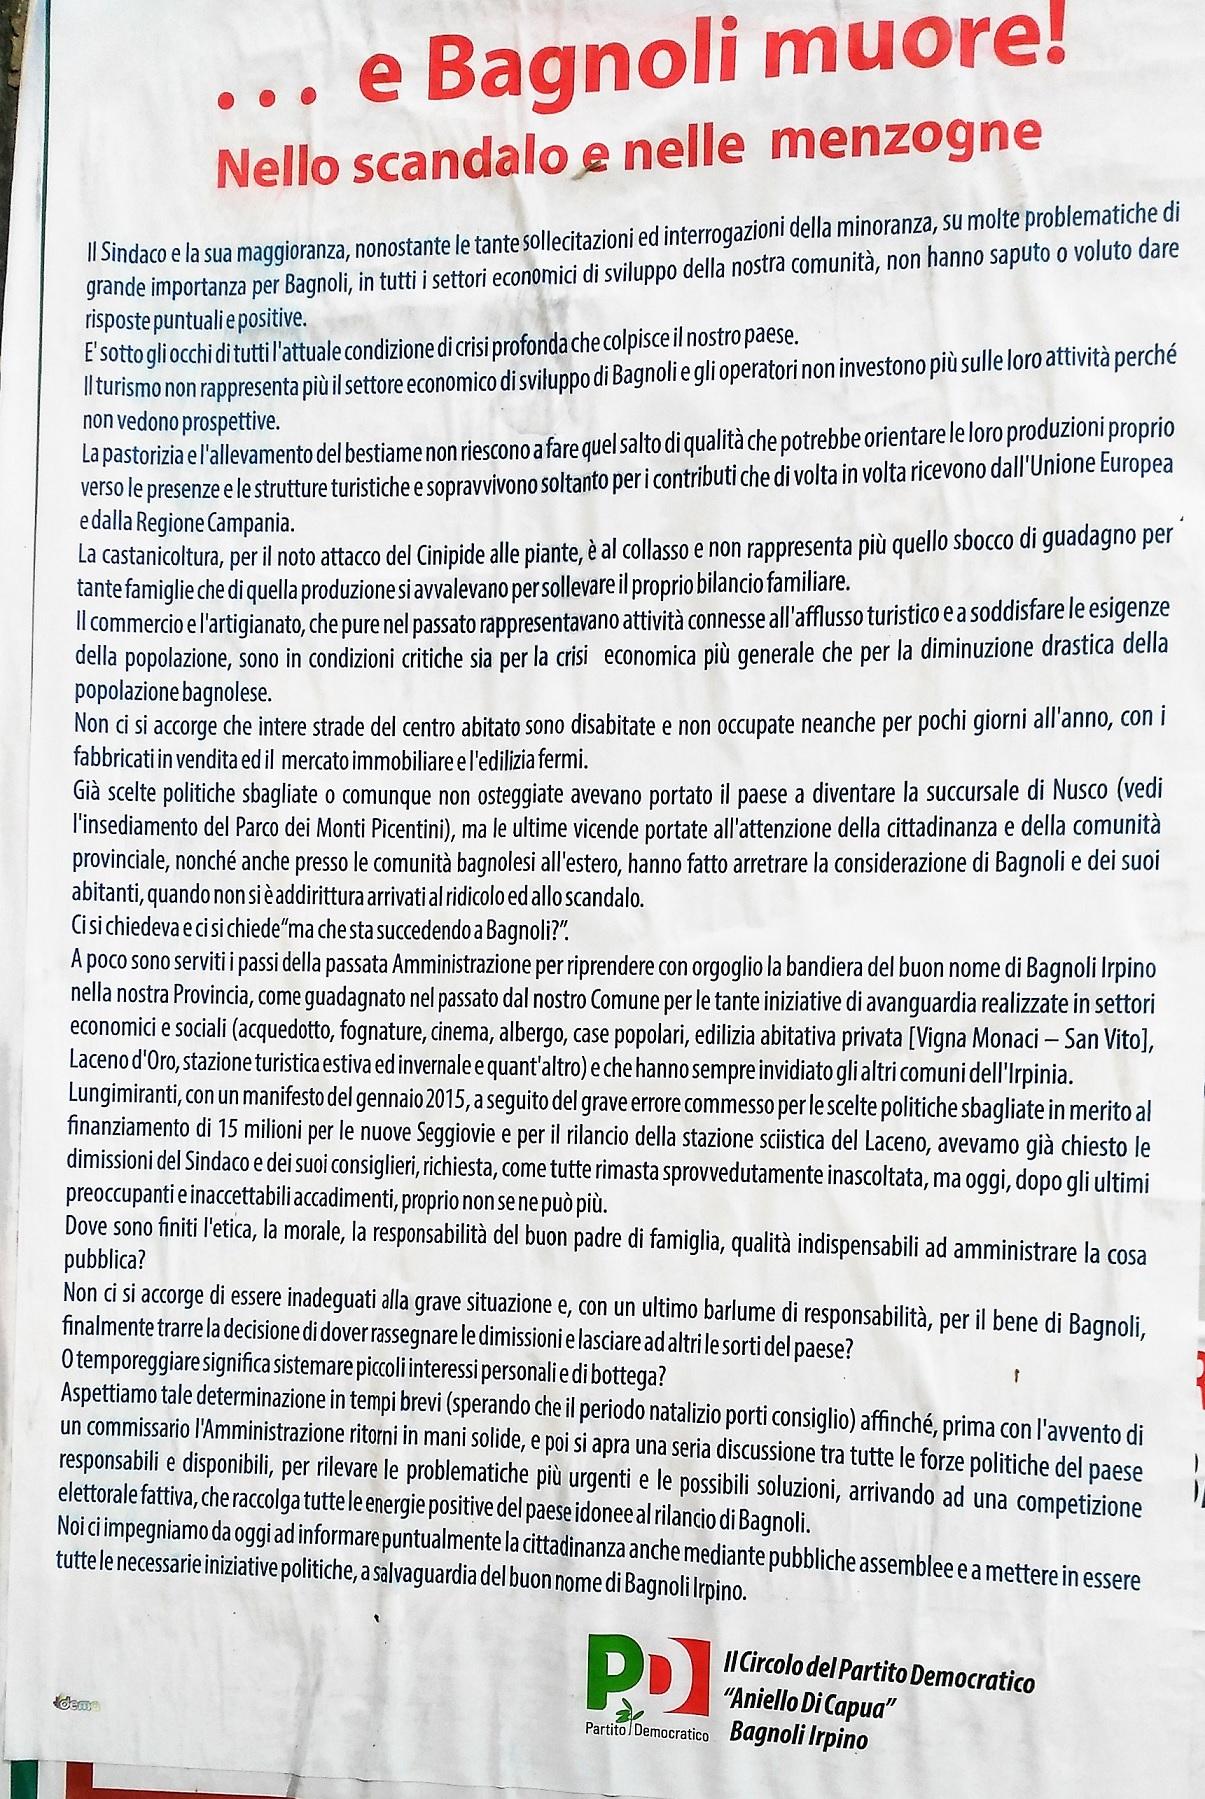 manifesto-pd-e-bagnoli-muore-nello-scandalo-e-nelle-menzogne-17-12-2016